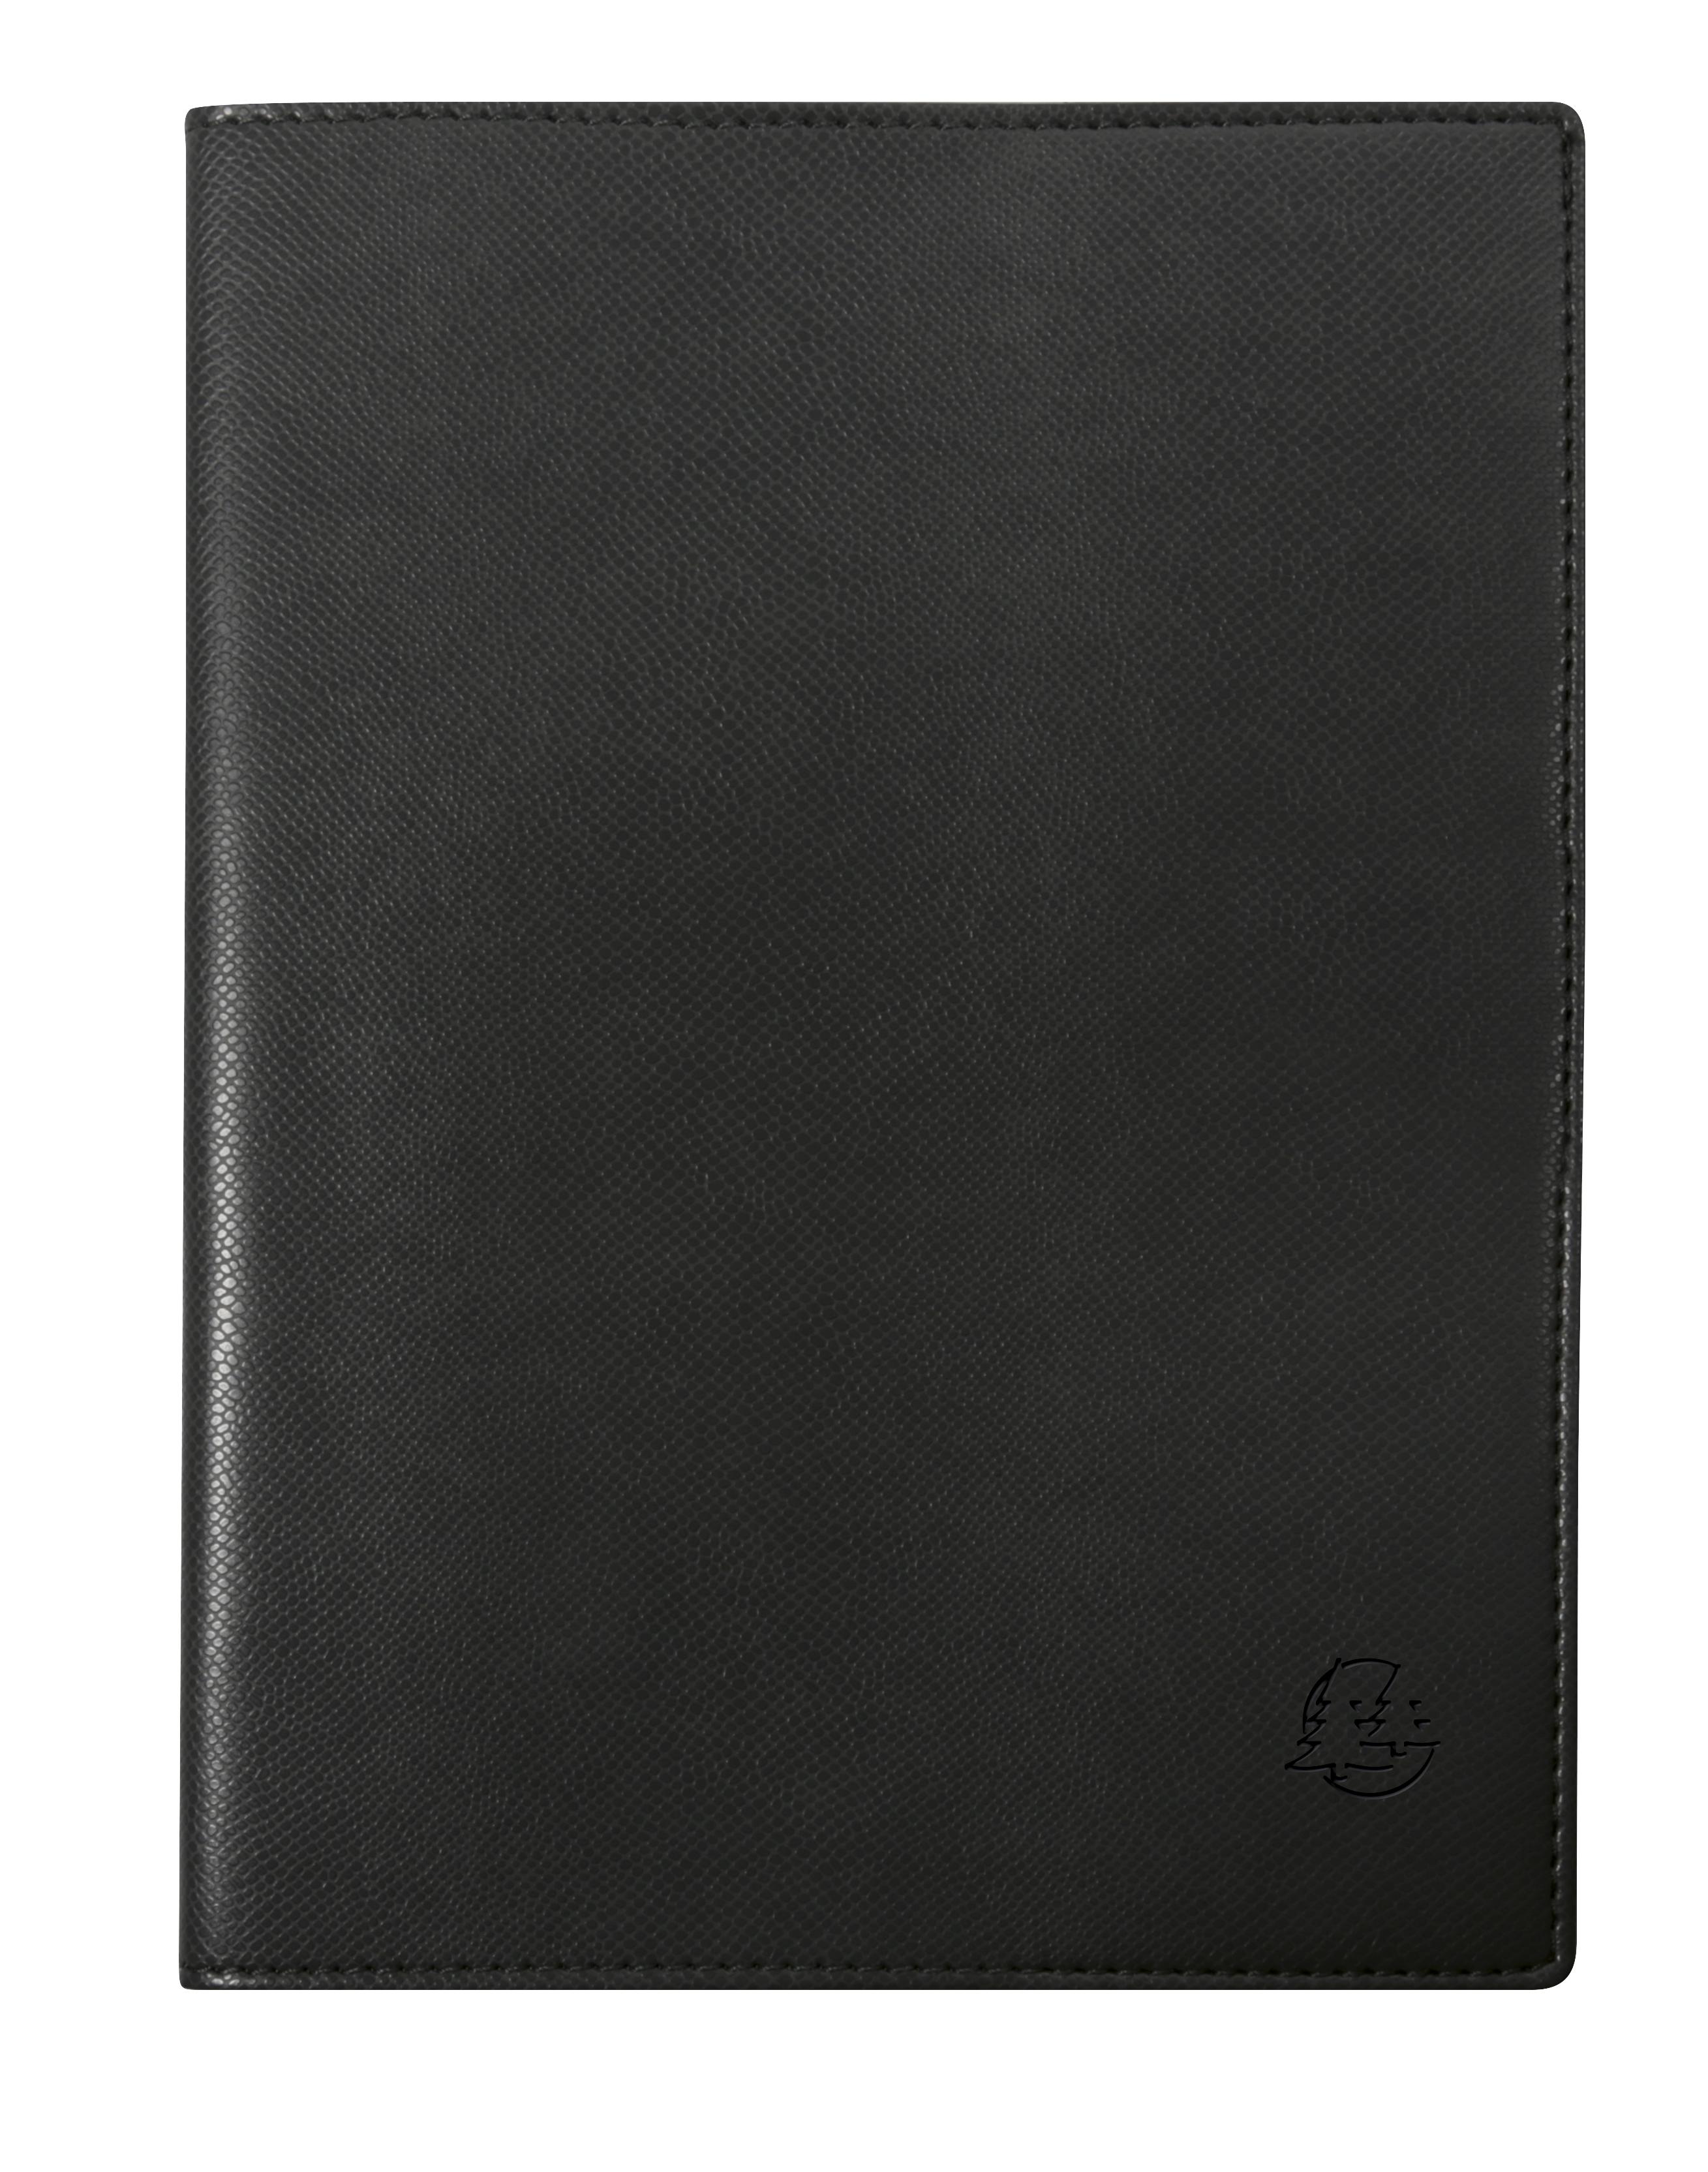 Agenda de poche Rialto - 1 semaine sur 2 pages - 10,5 x 15,5 cm - disponible dans différentes couleurs - Exacompta